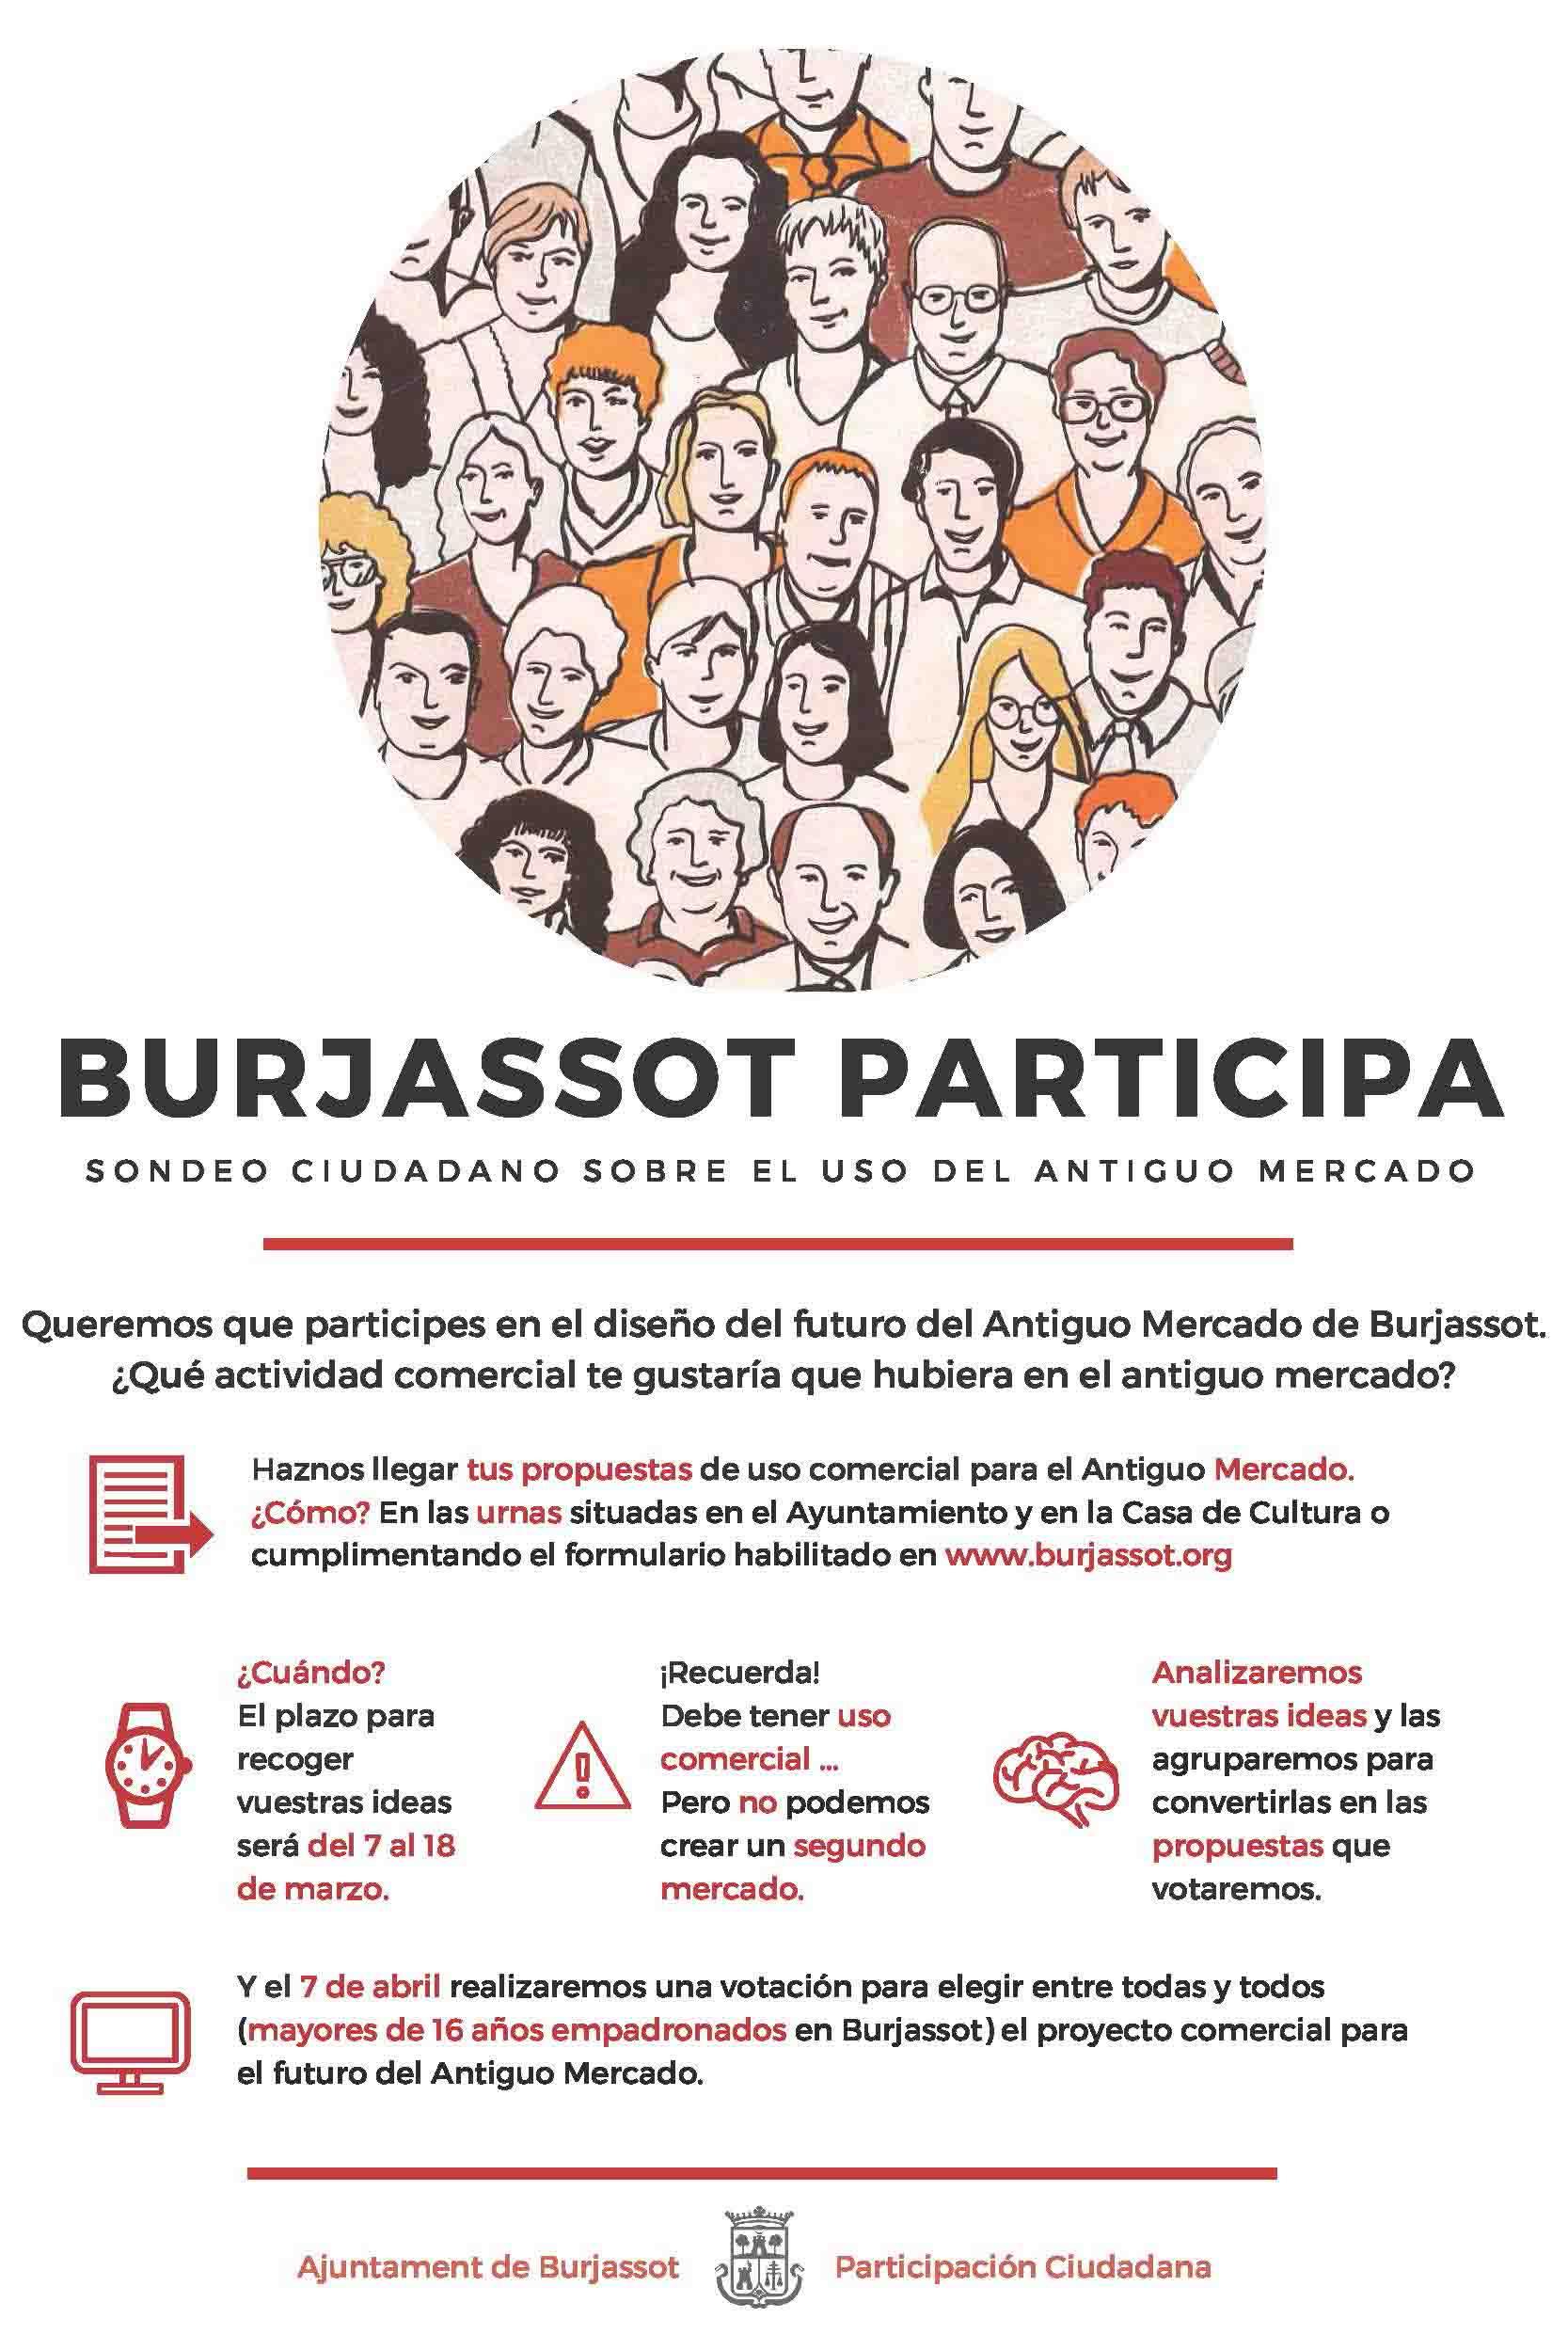 Los vecinos de Burjassot decidirán el nuevo uso comercial del antiguo Mercado